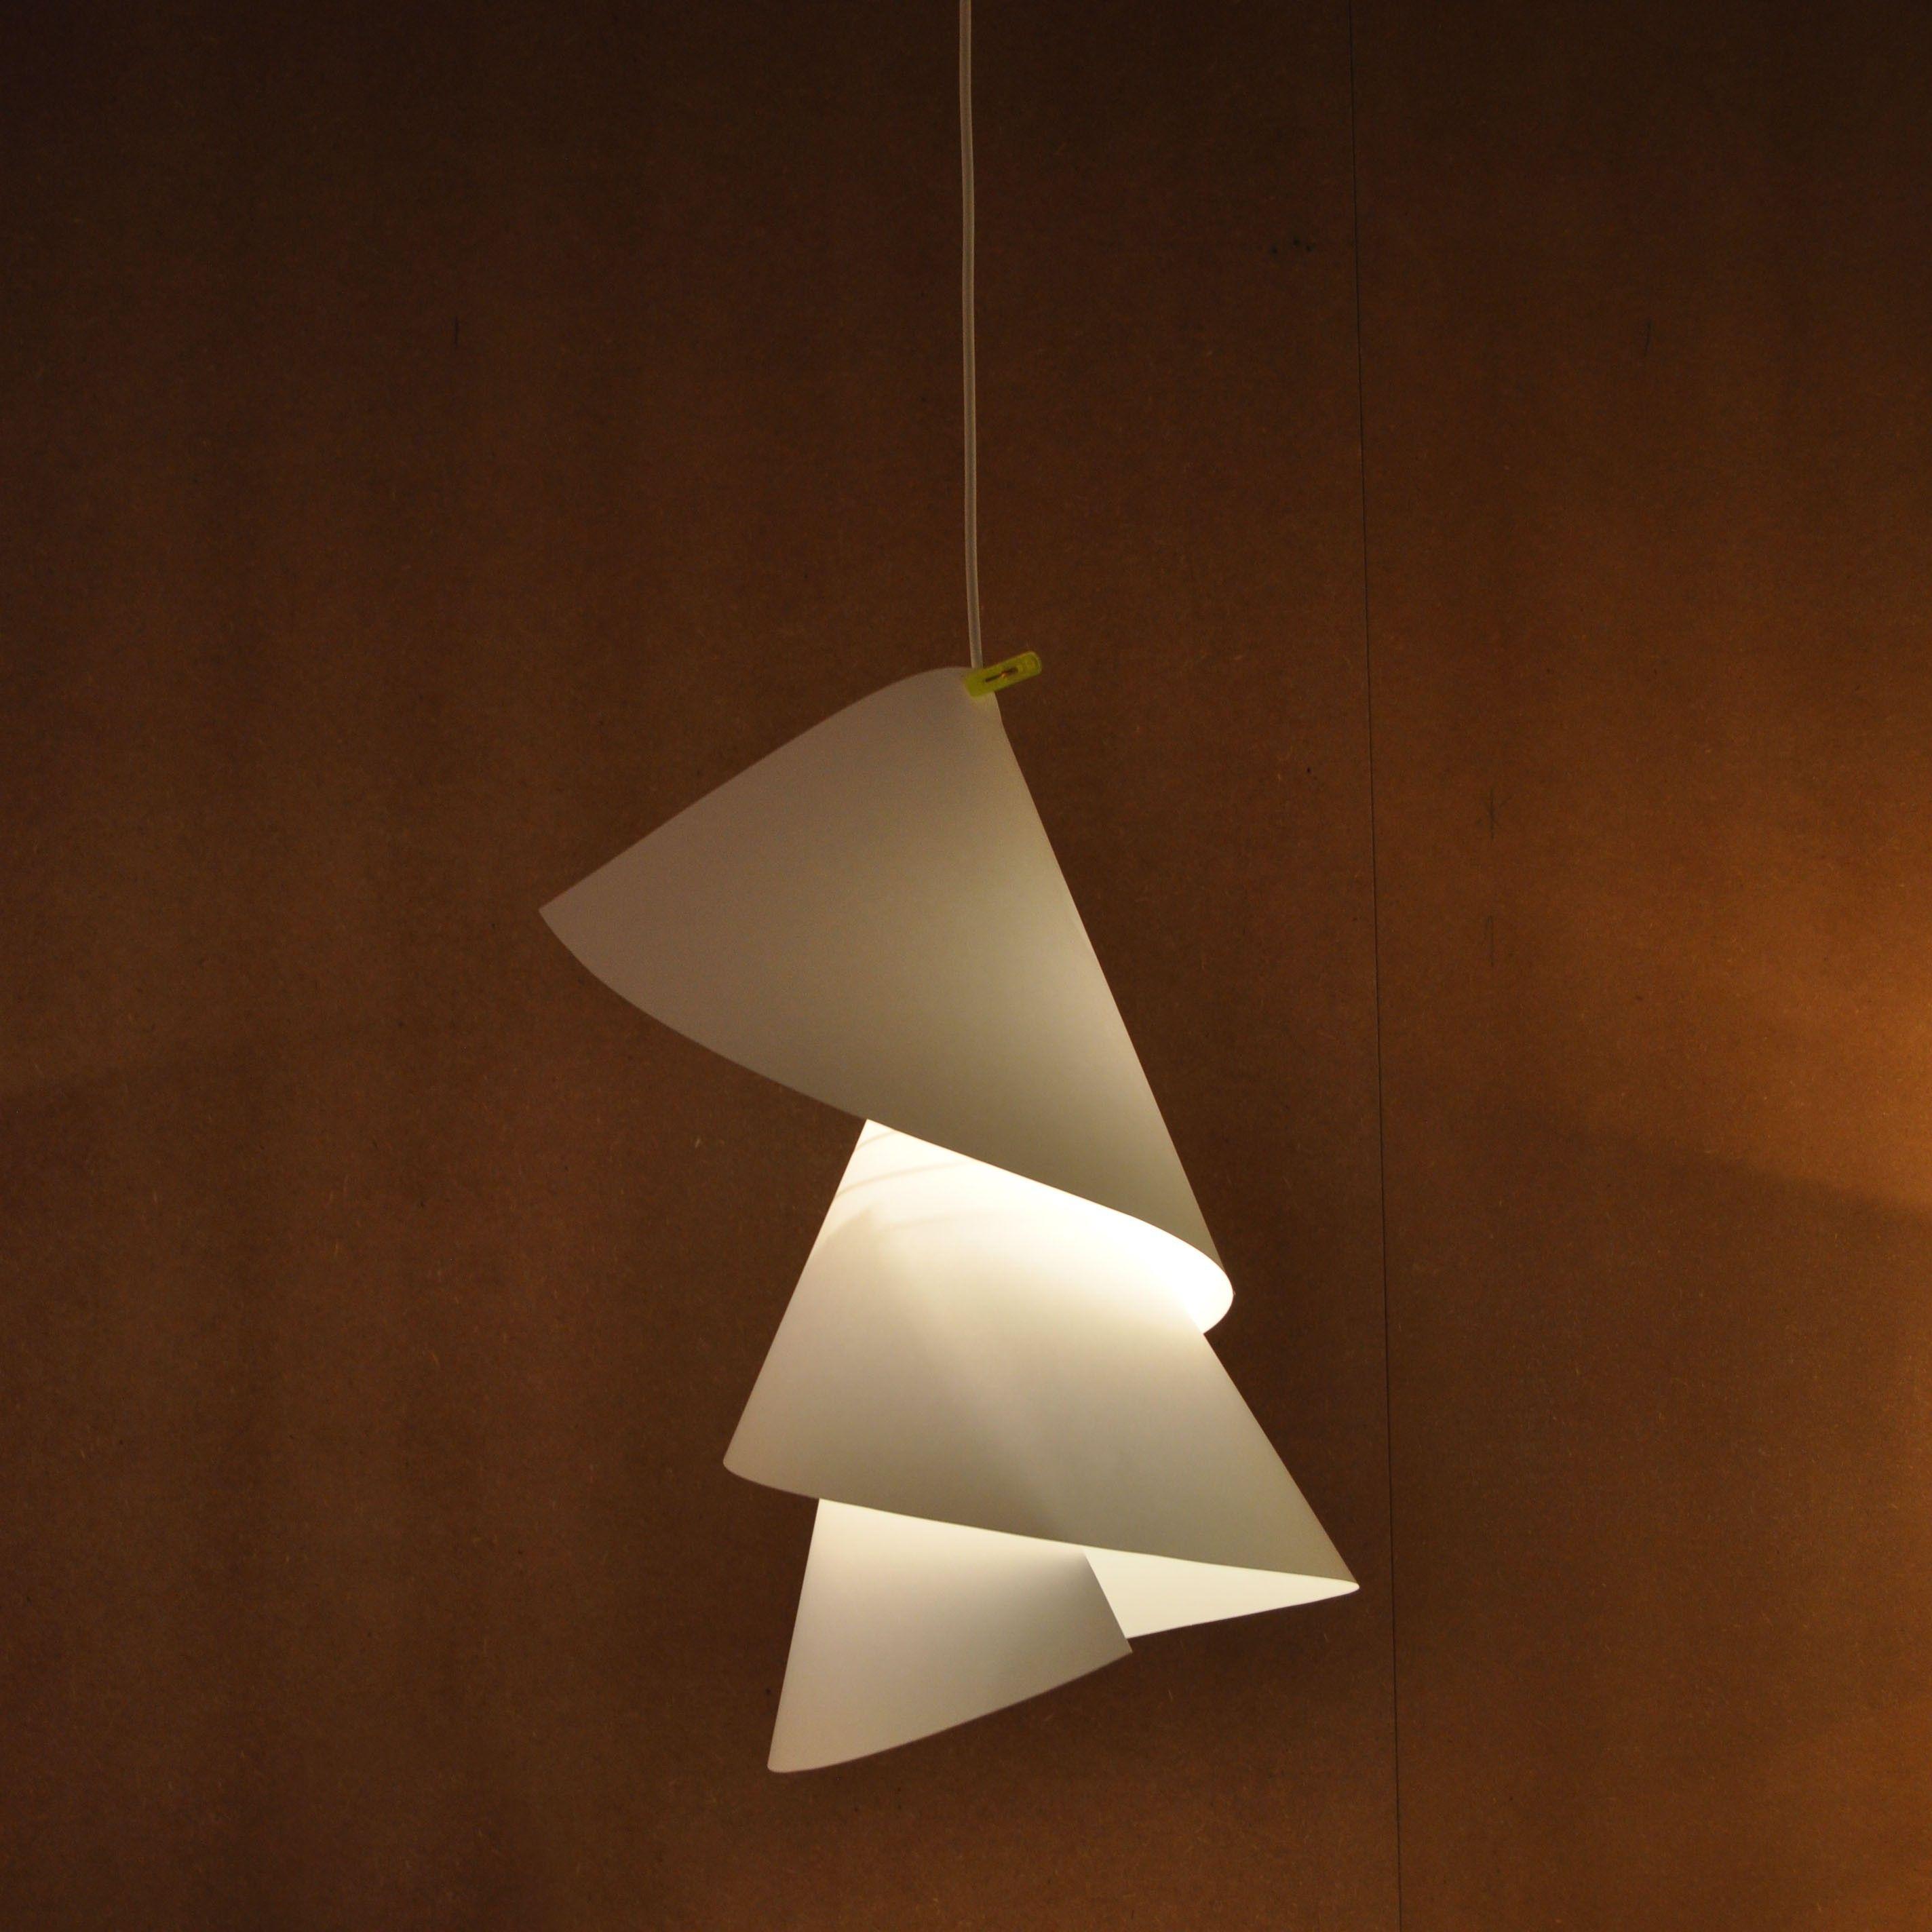 ingo maurer willy cilly lighting pinterest. Black Bedroom Furniture Sets. Home Design Ideas